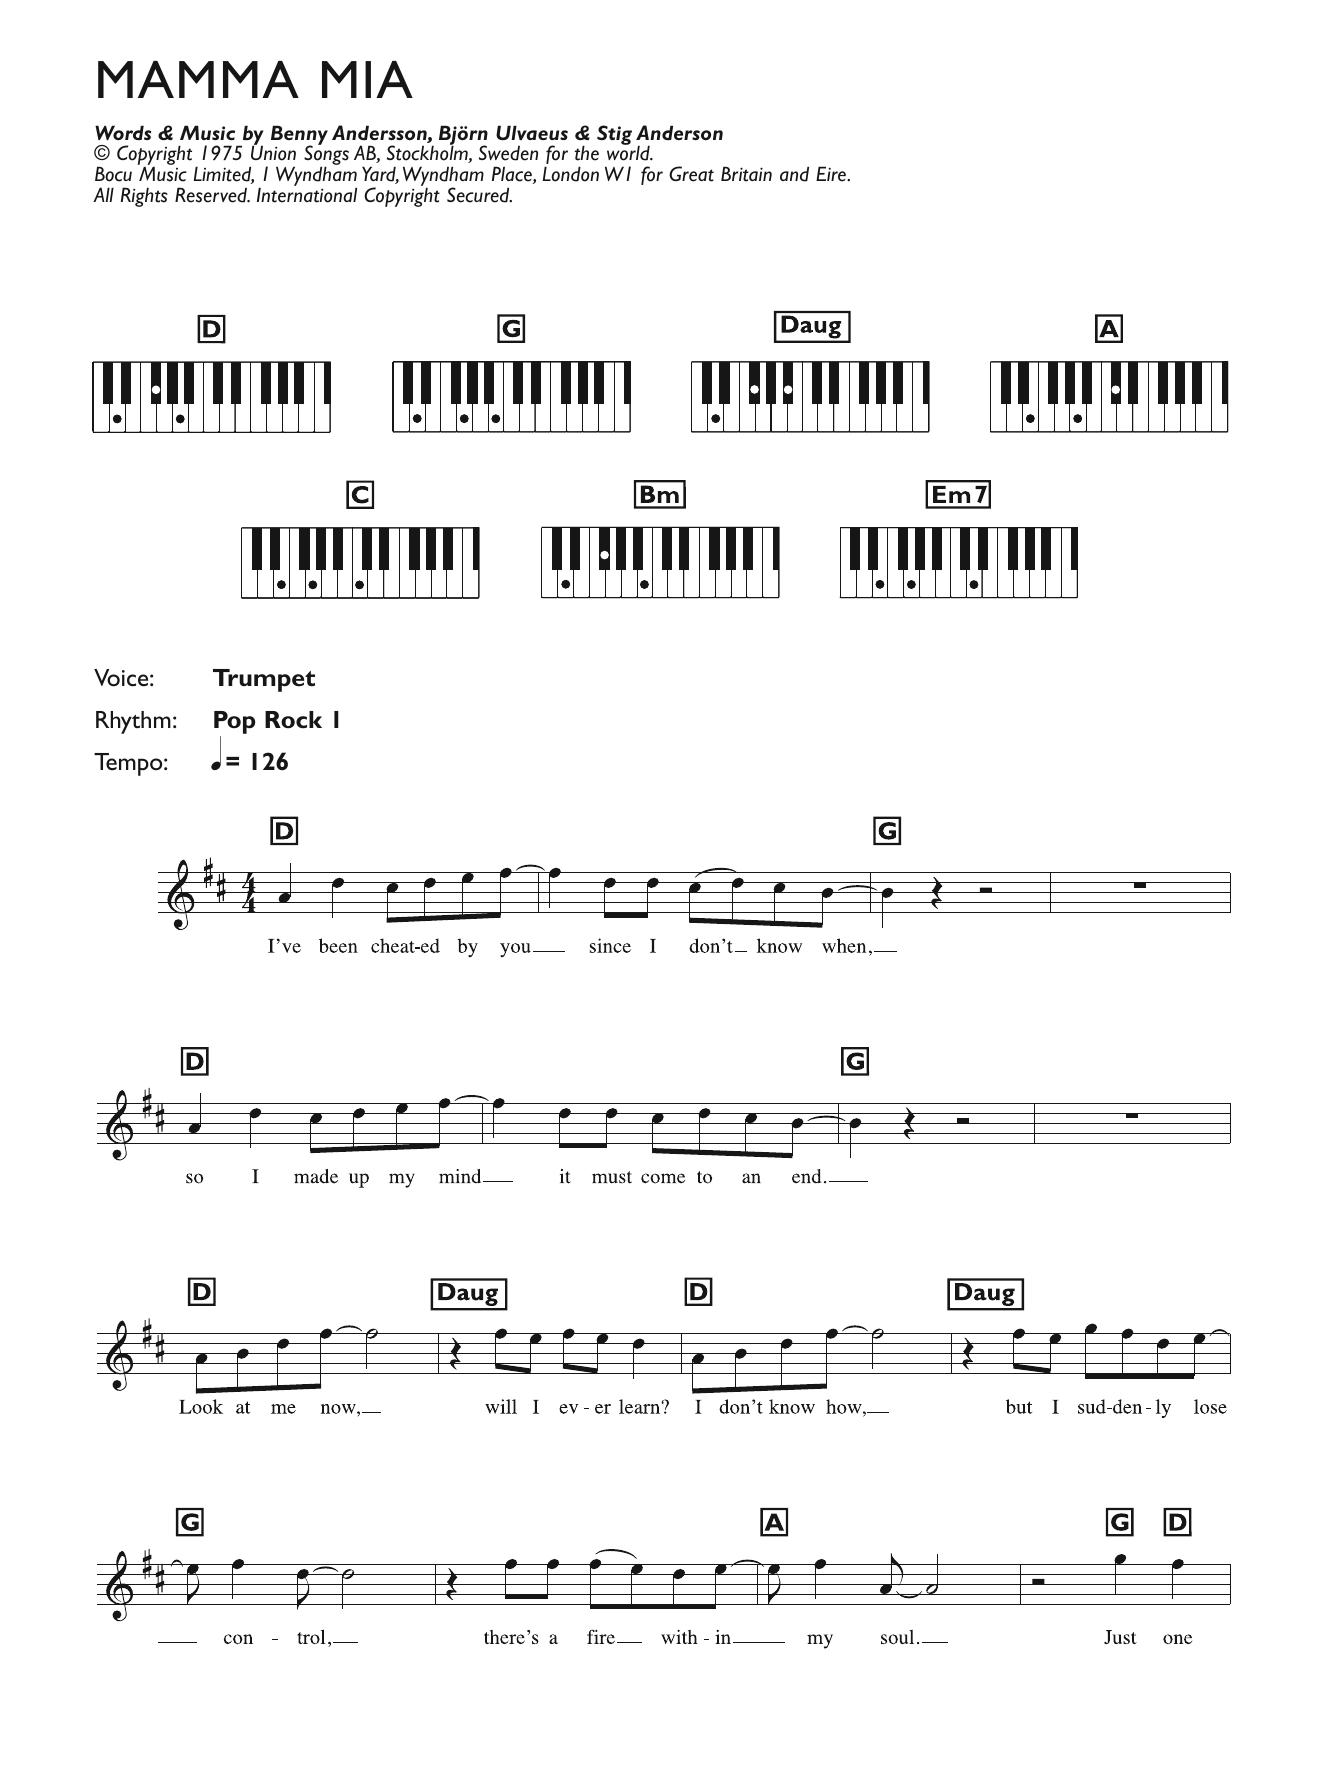 Mamma Mia Sheet Music   ABBA   Keyboard (Abridged)